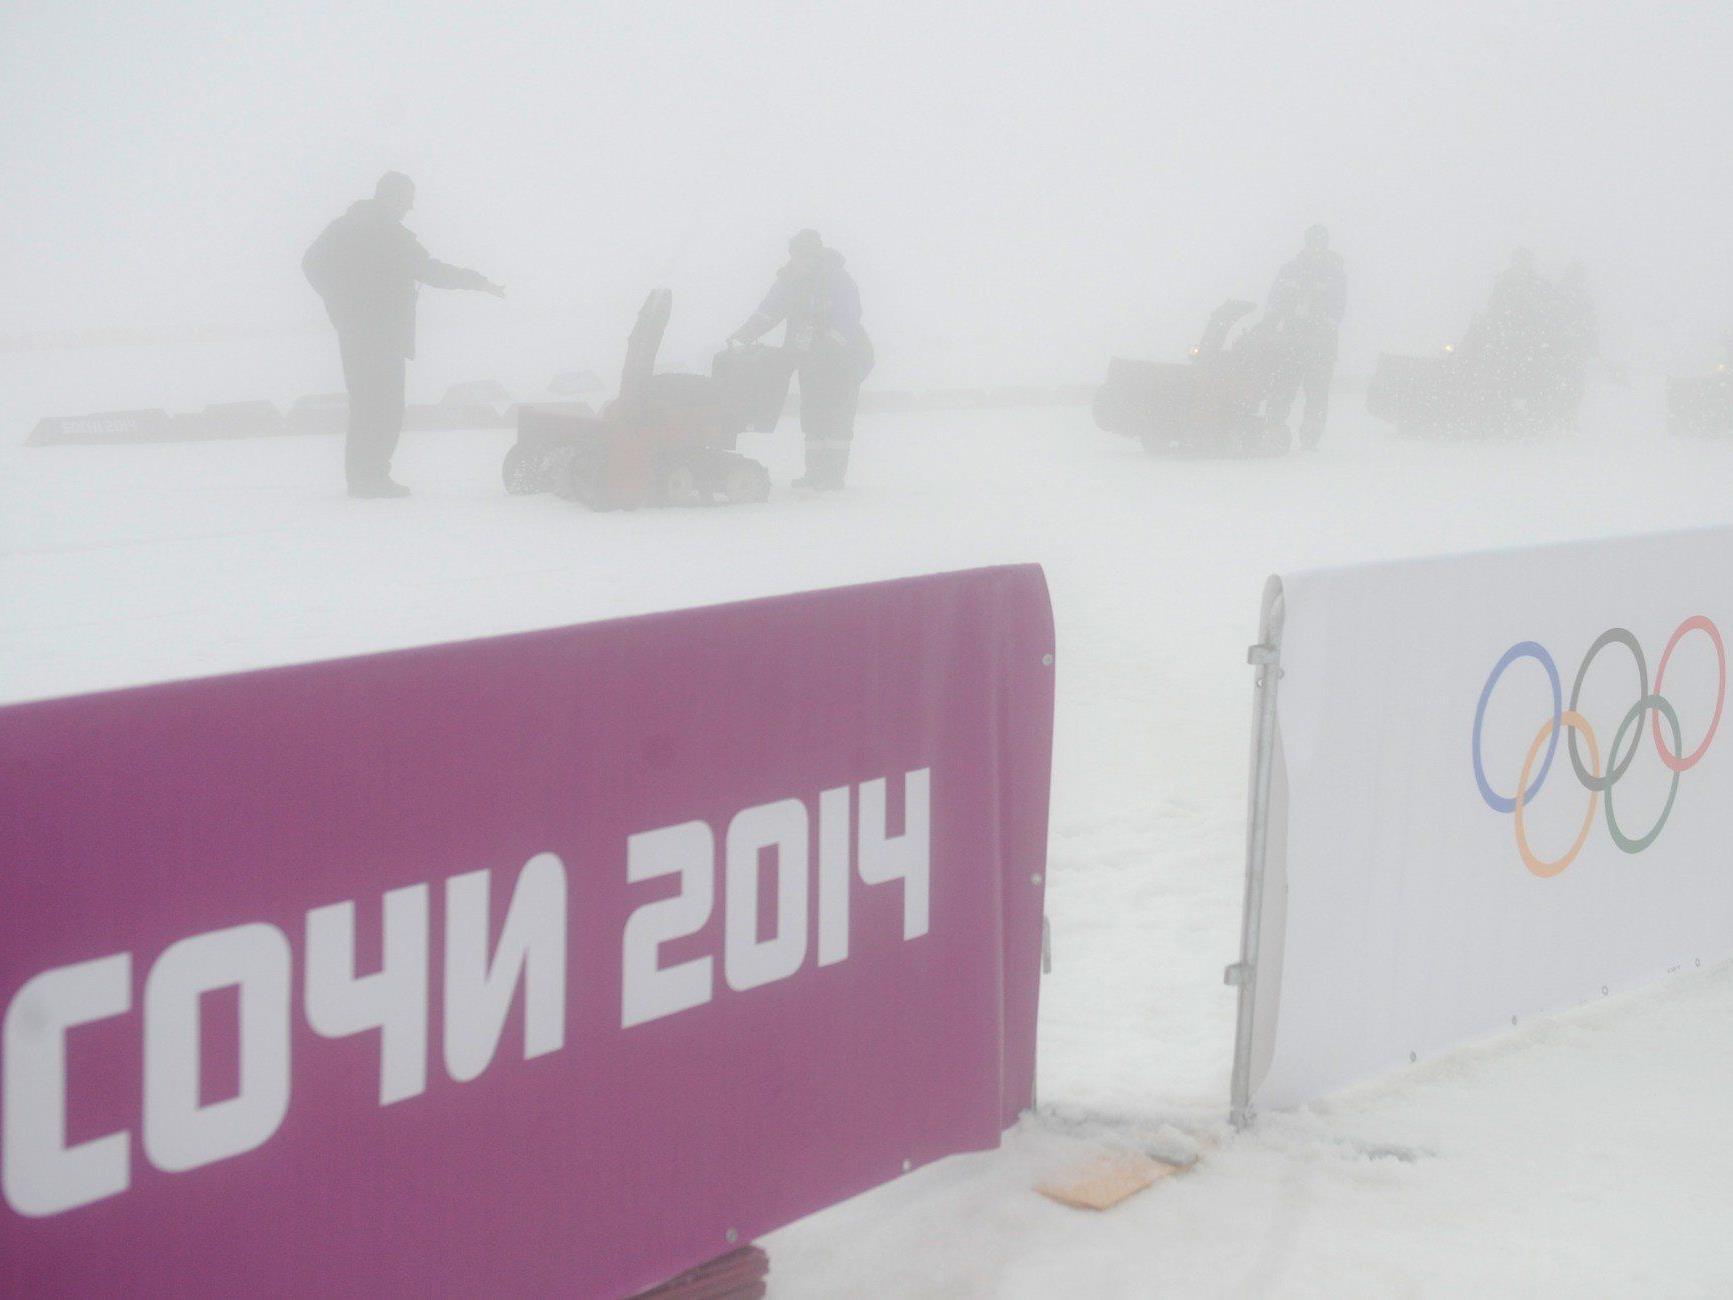 Biathlon, Snowboard-Cross und Damen-Riesentorlauf-Quali betroffen.